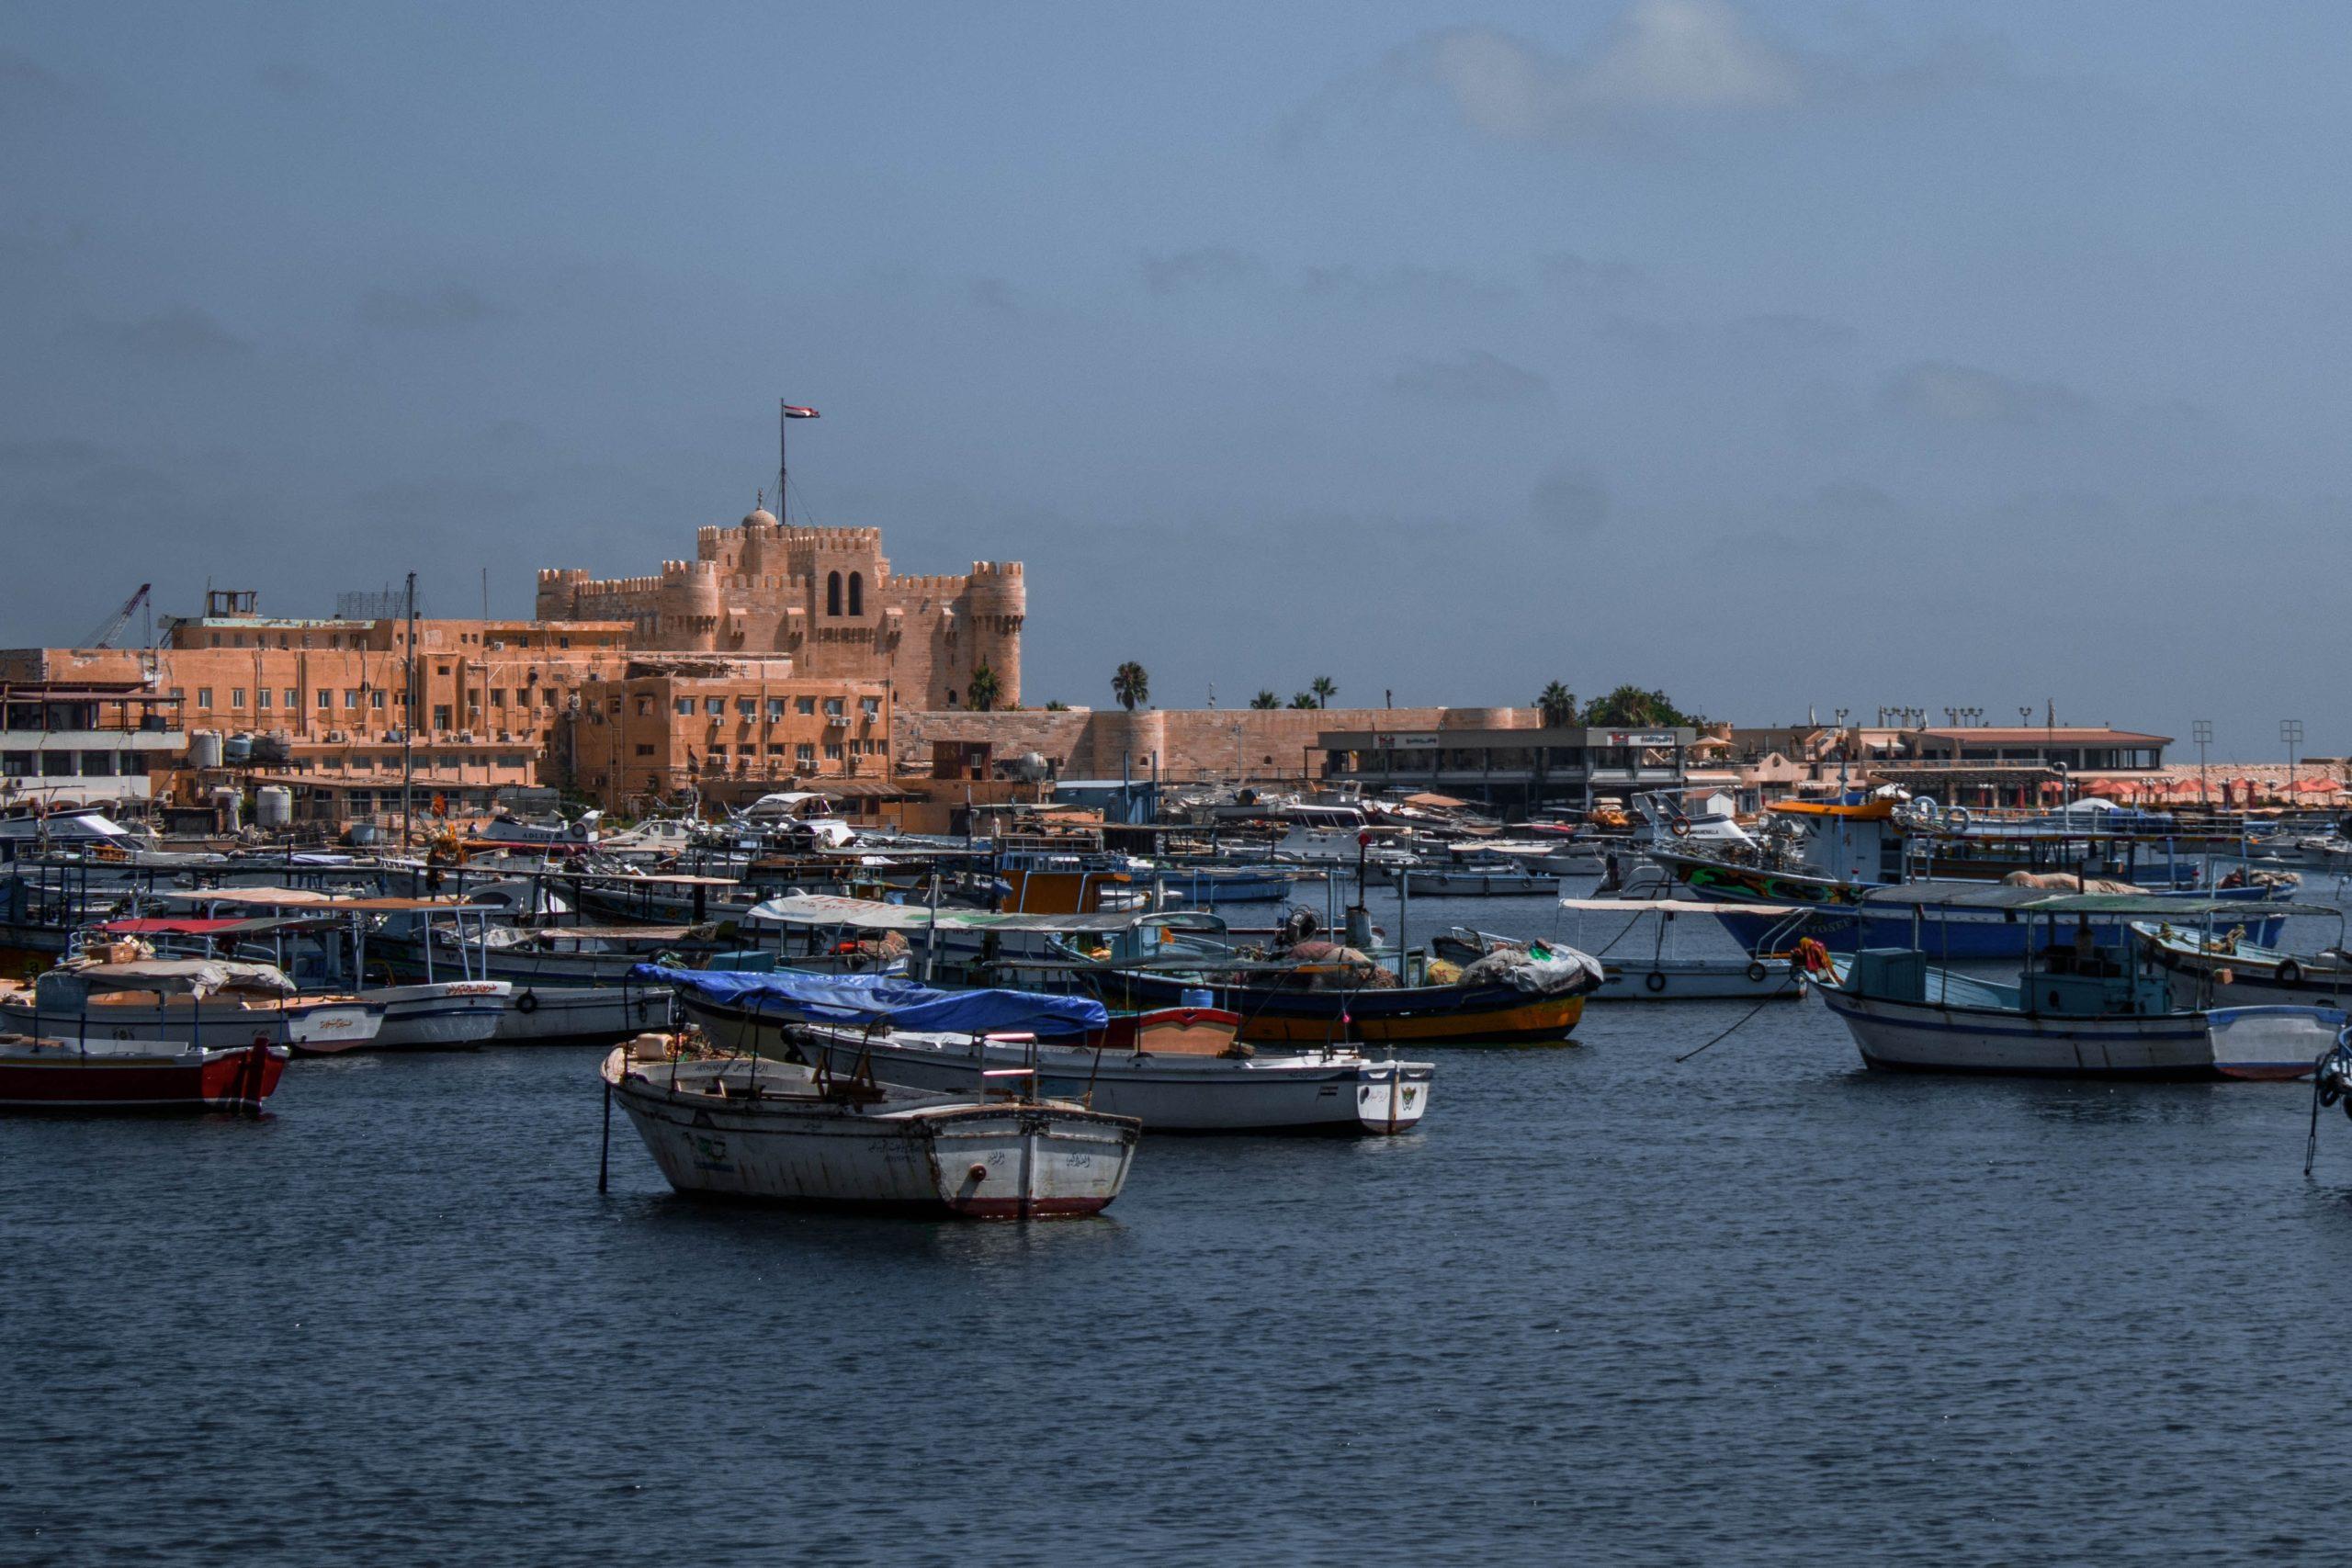 المعالم السياحية الأعلى تقييماً في الإسكندرية ، مصر